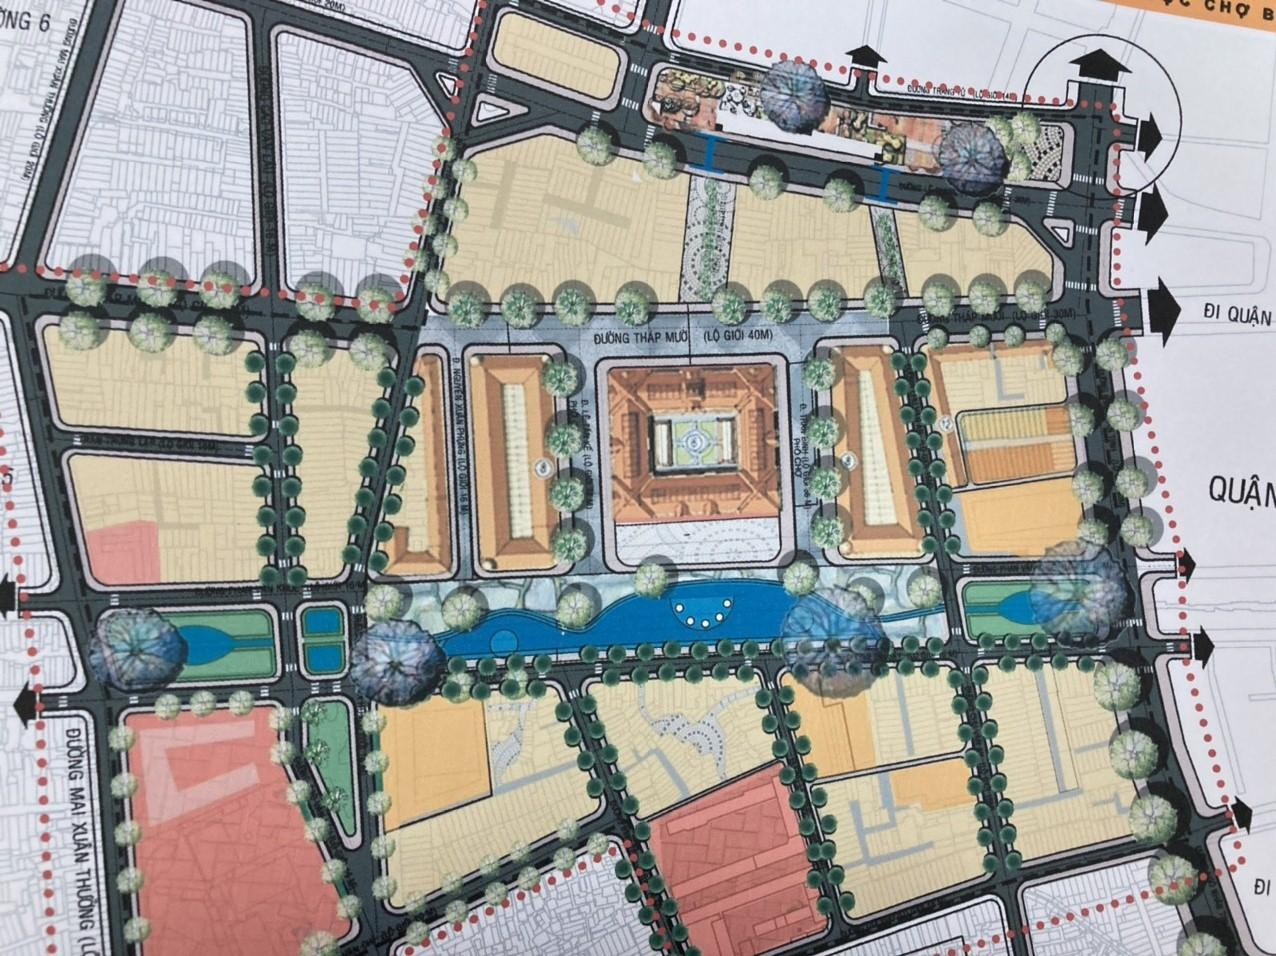 Phương án cải tạo không gian xung quanh chợ Bình Tây (HP Hình thái không gian công cộng 2020)